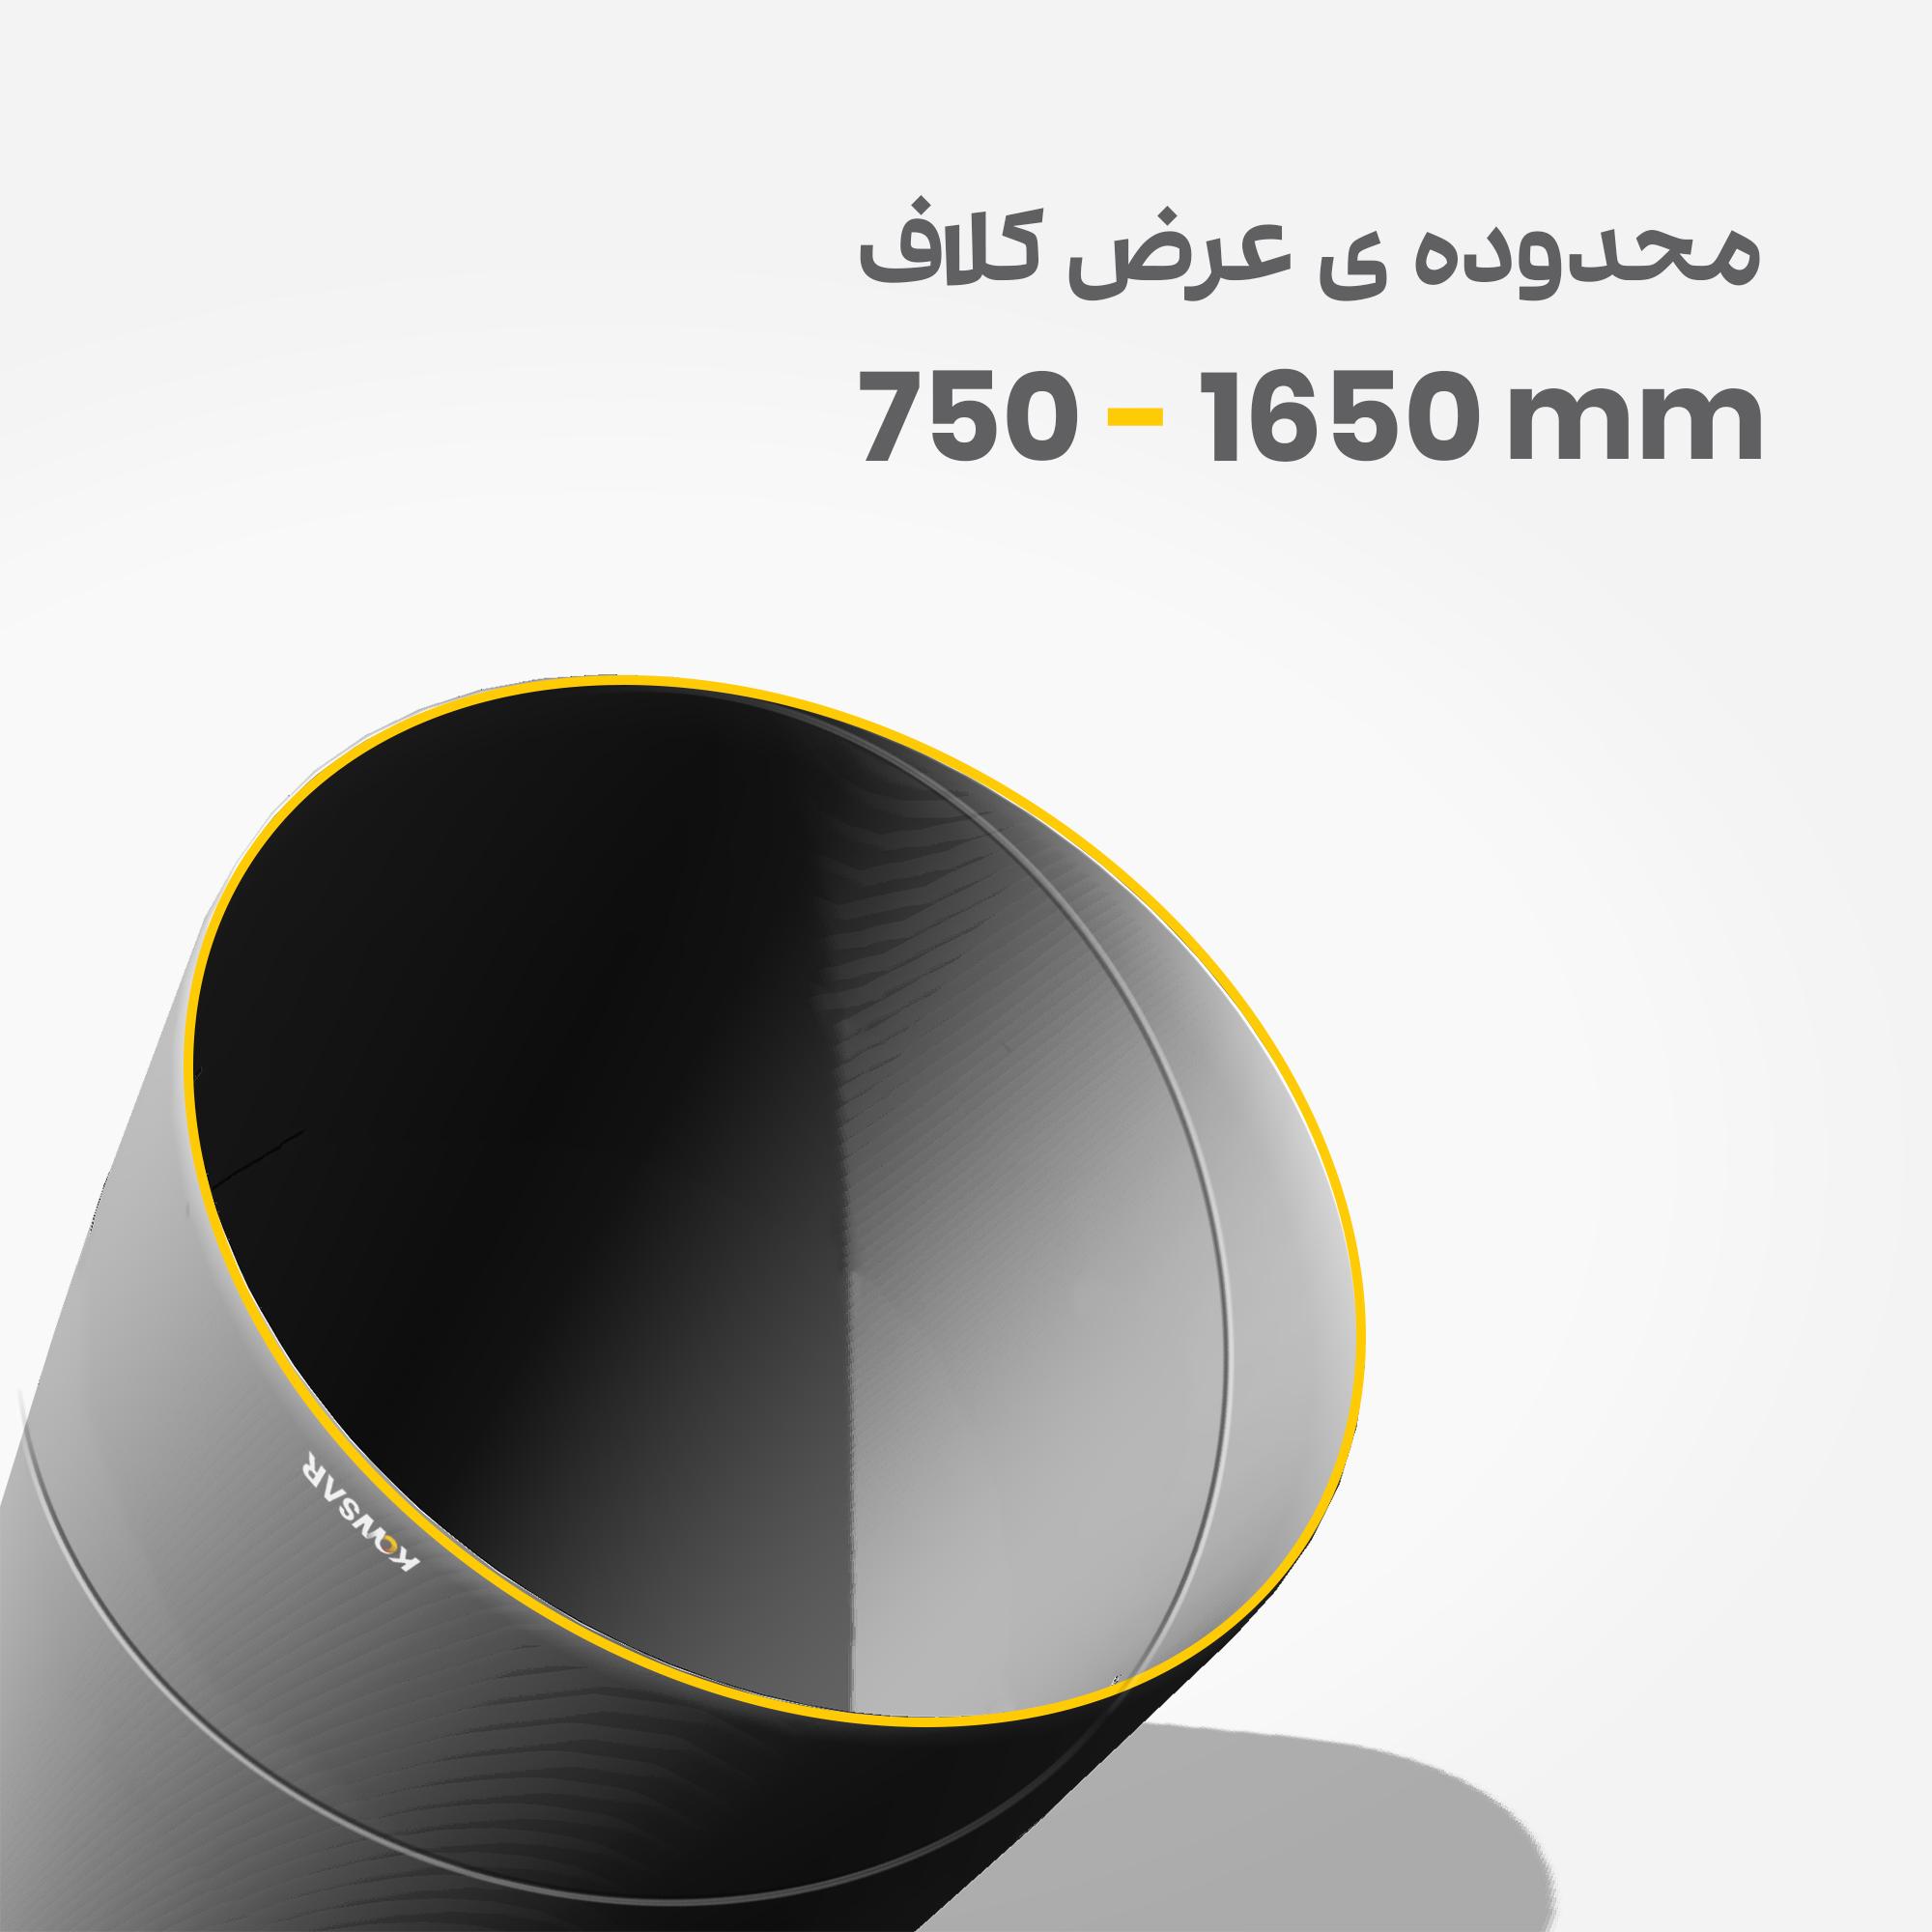 تولید لوله اسپیرال از عرض 750 تا 1650 میلی متر